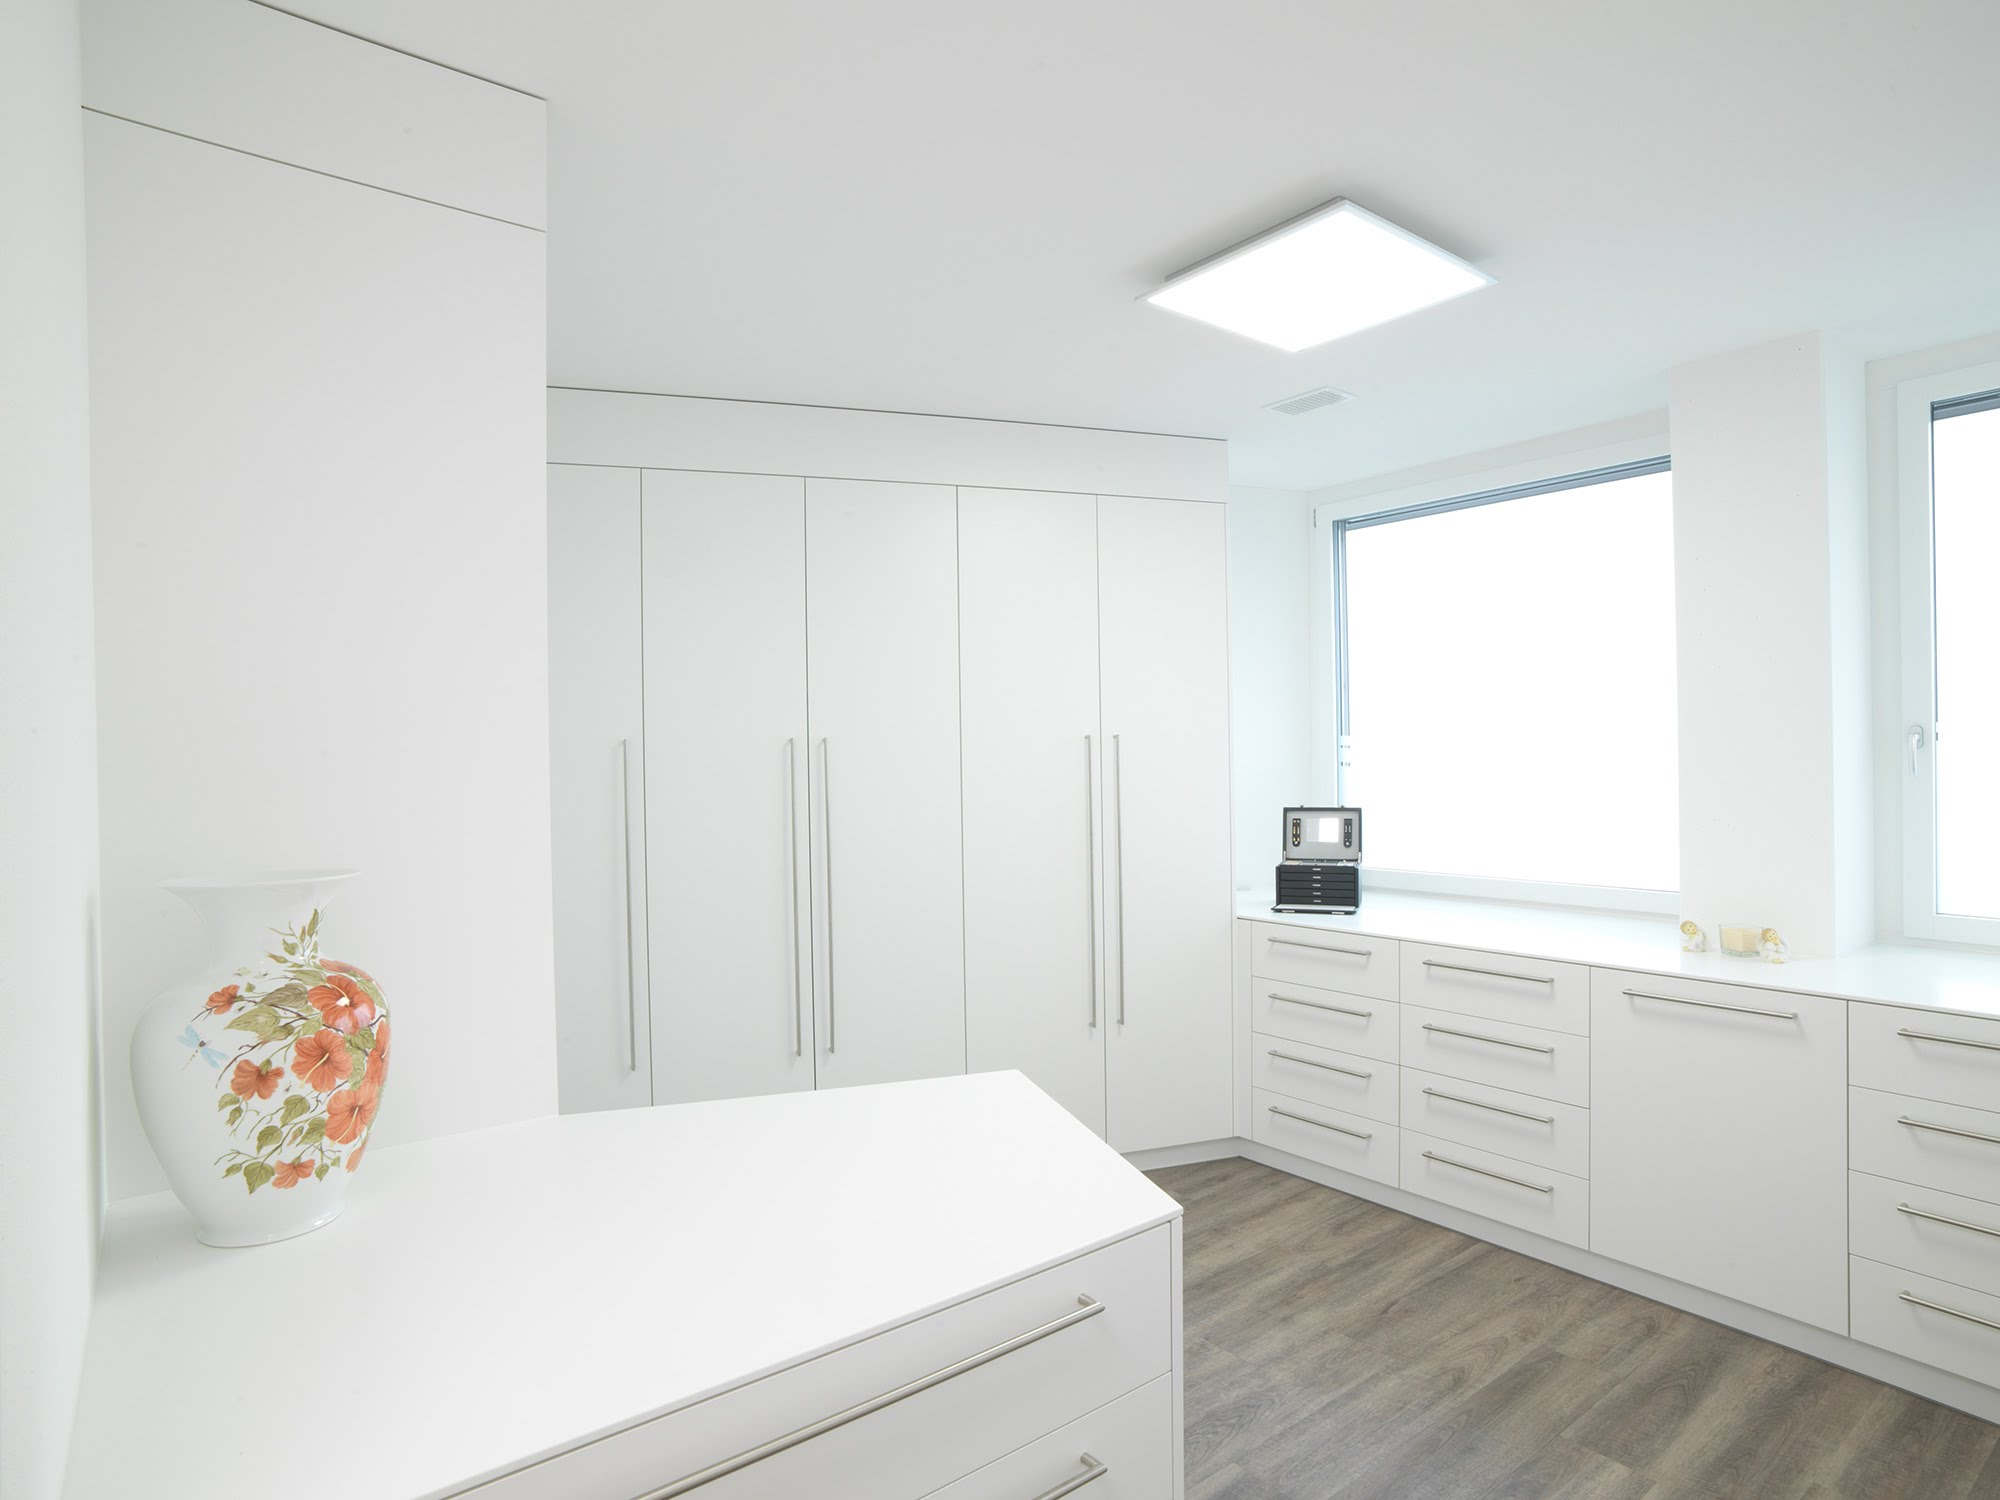 Ankleideraum - Raumgestaltung & Innenarchitektur-Küchen werden immer mehr zum Ort der Begegnung - Sursee, Willisau, Aargau, Zentralschweiz, Luzern, Zofingen